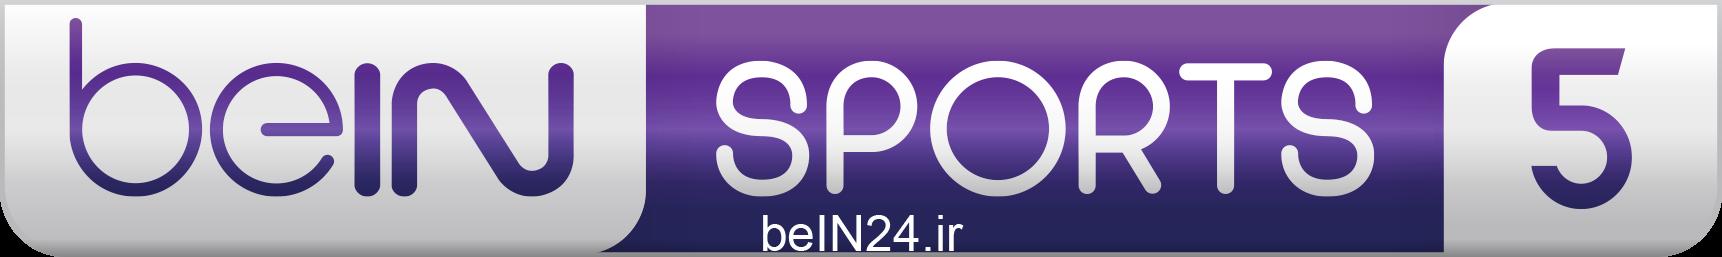 شبکه بین اسپرت ۵